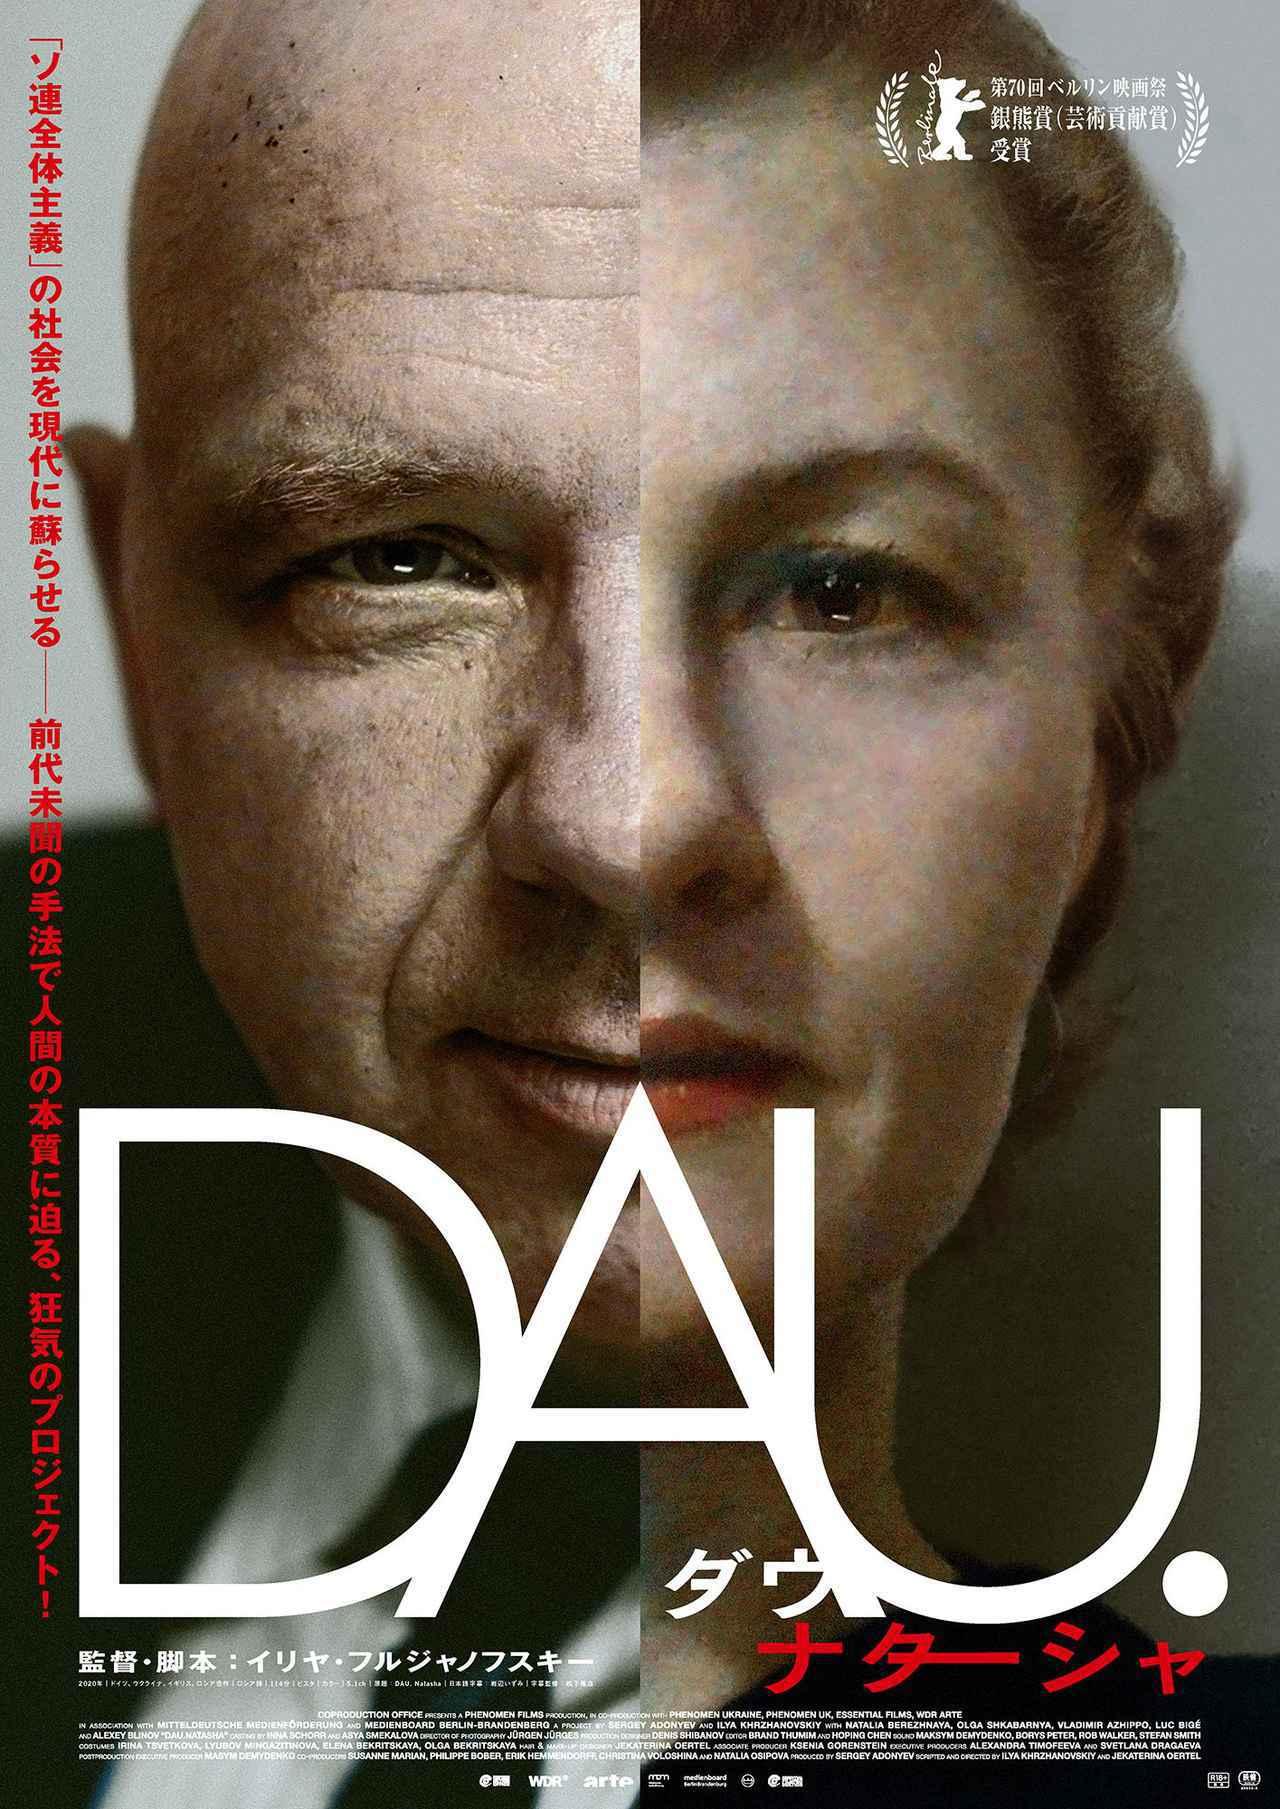 画像1: 莫大な費用と15年もの歳月をかけ「ソ連全体主義」の社会を現代に蘇らせるーー前代未聞の手法で人間の本質に迫る狂気のプロジェクト!ベルリン映画祭銀熊賞受賞『DAU. ナターシャ』